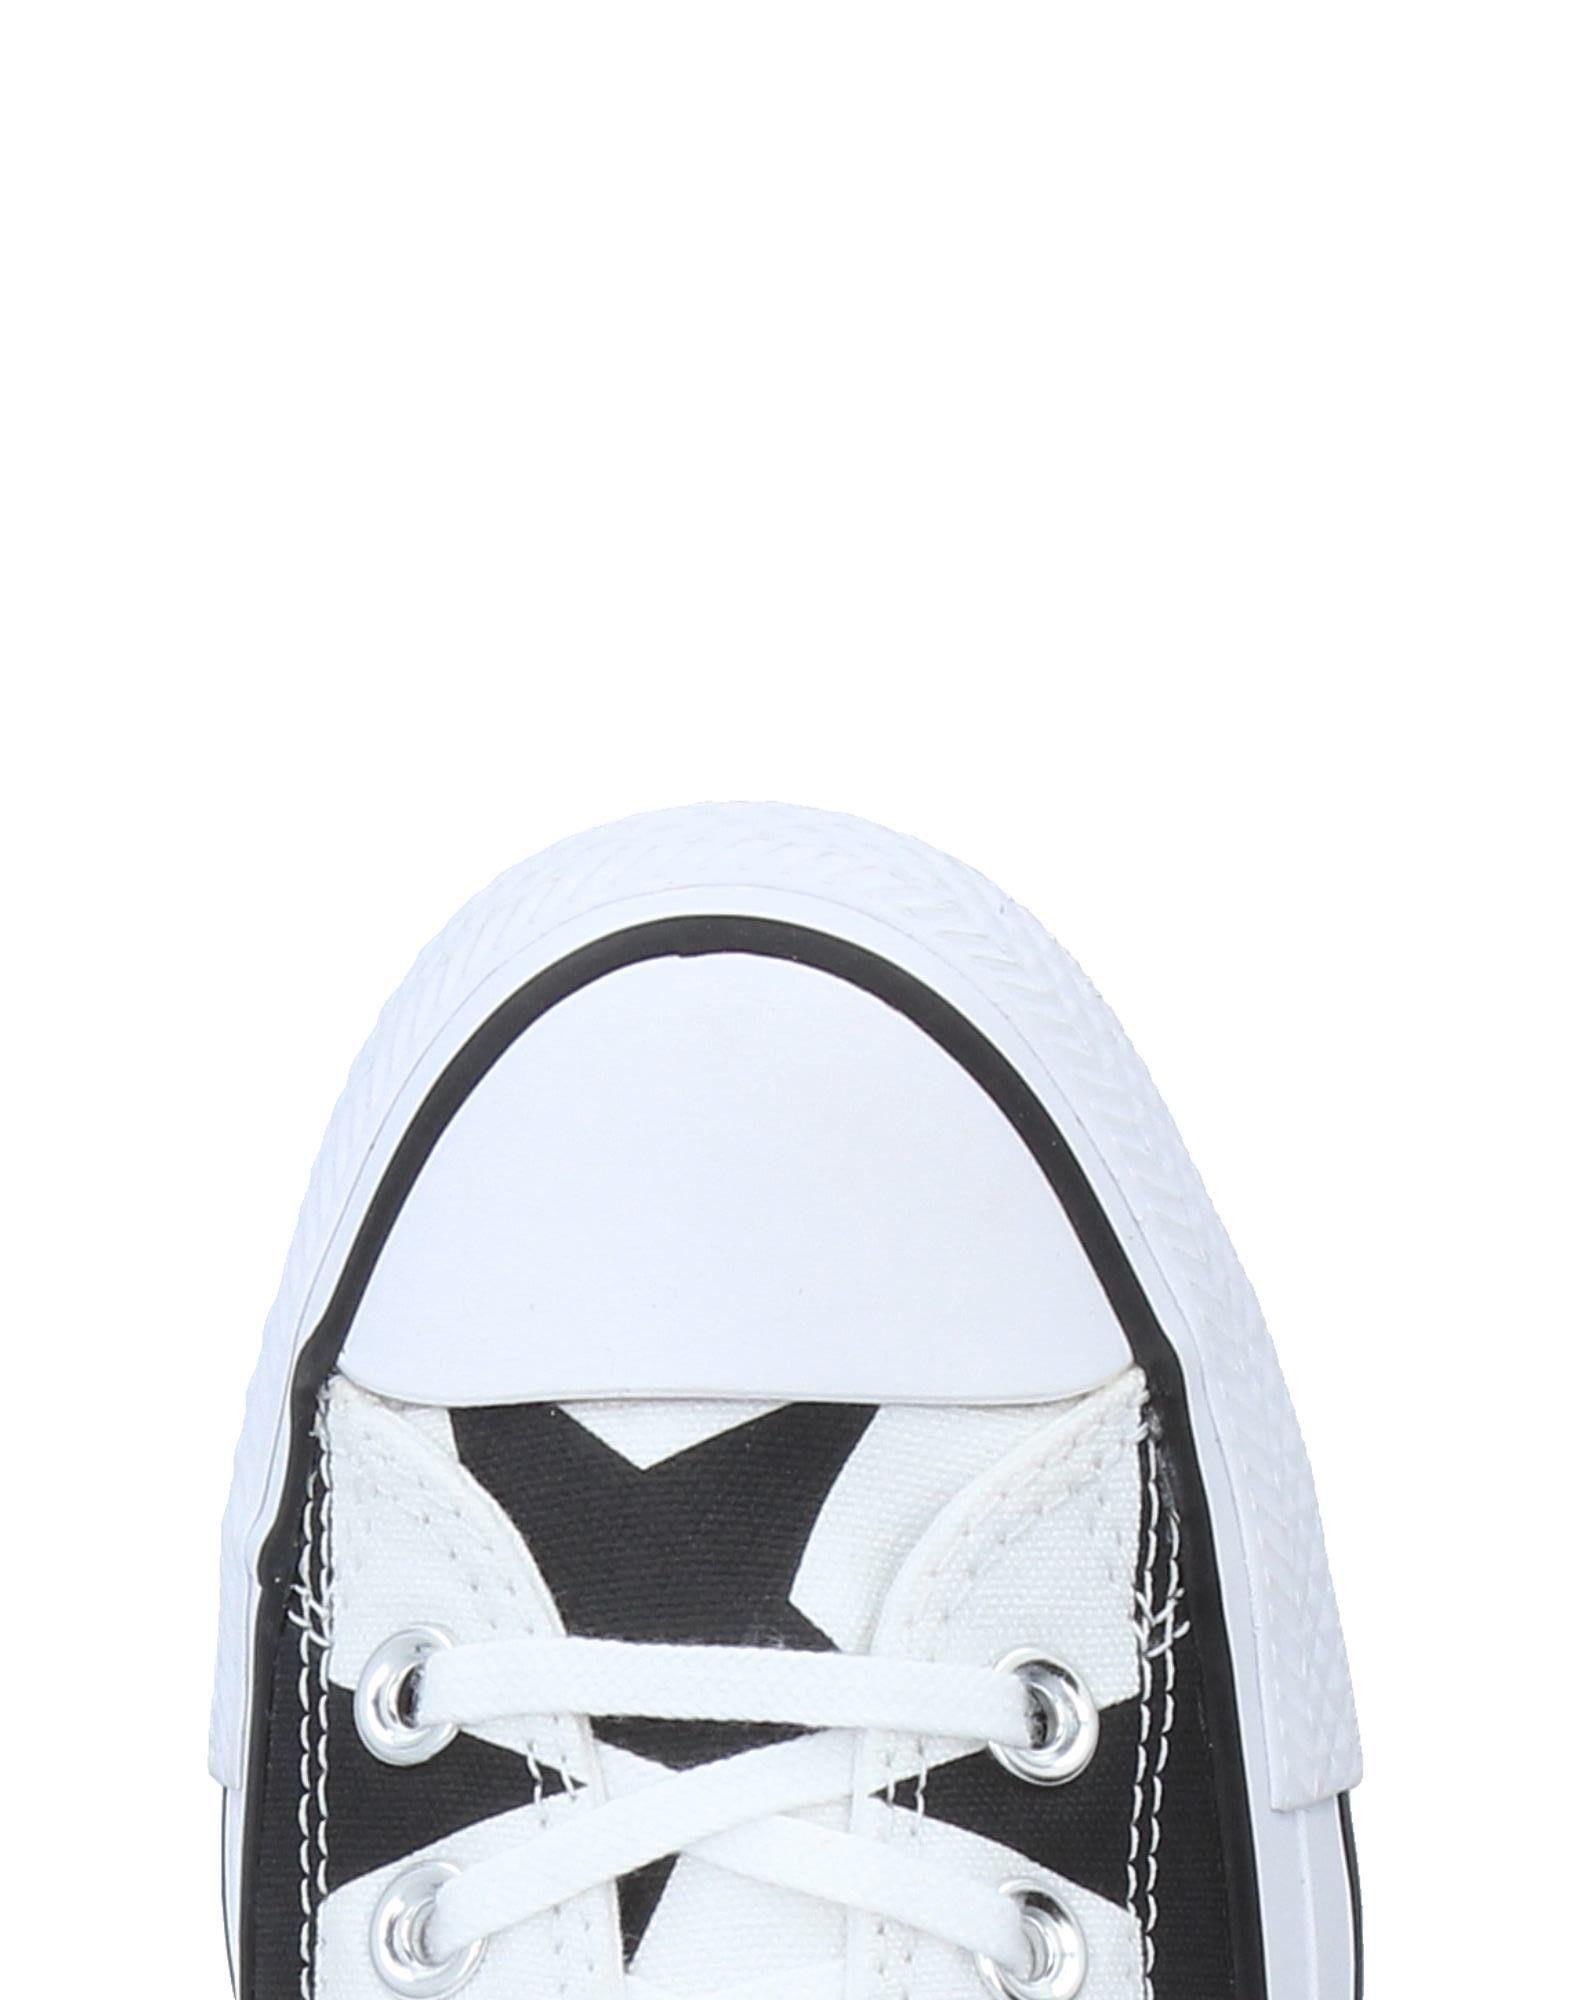 Converse All Star Sneakers Damen  11410920VX beliebte Gute Qualität beliebte 11410920VX Schuhe 09218c